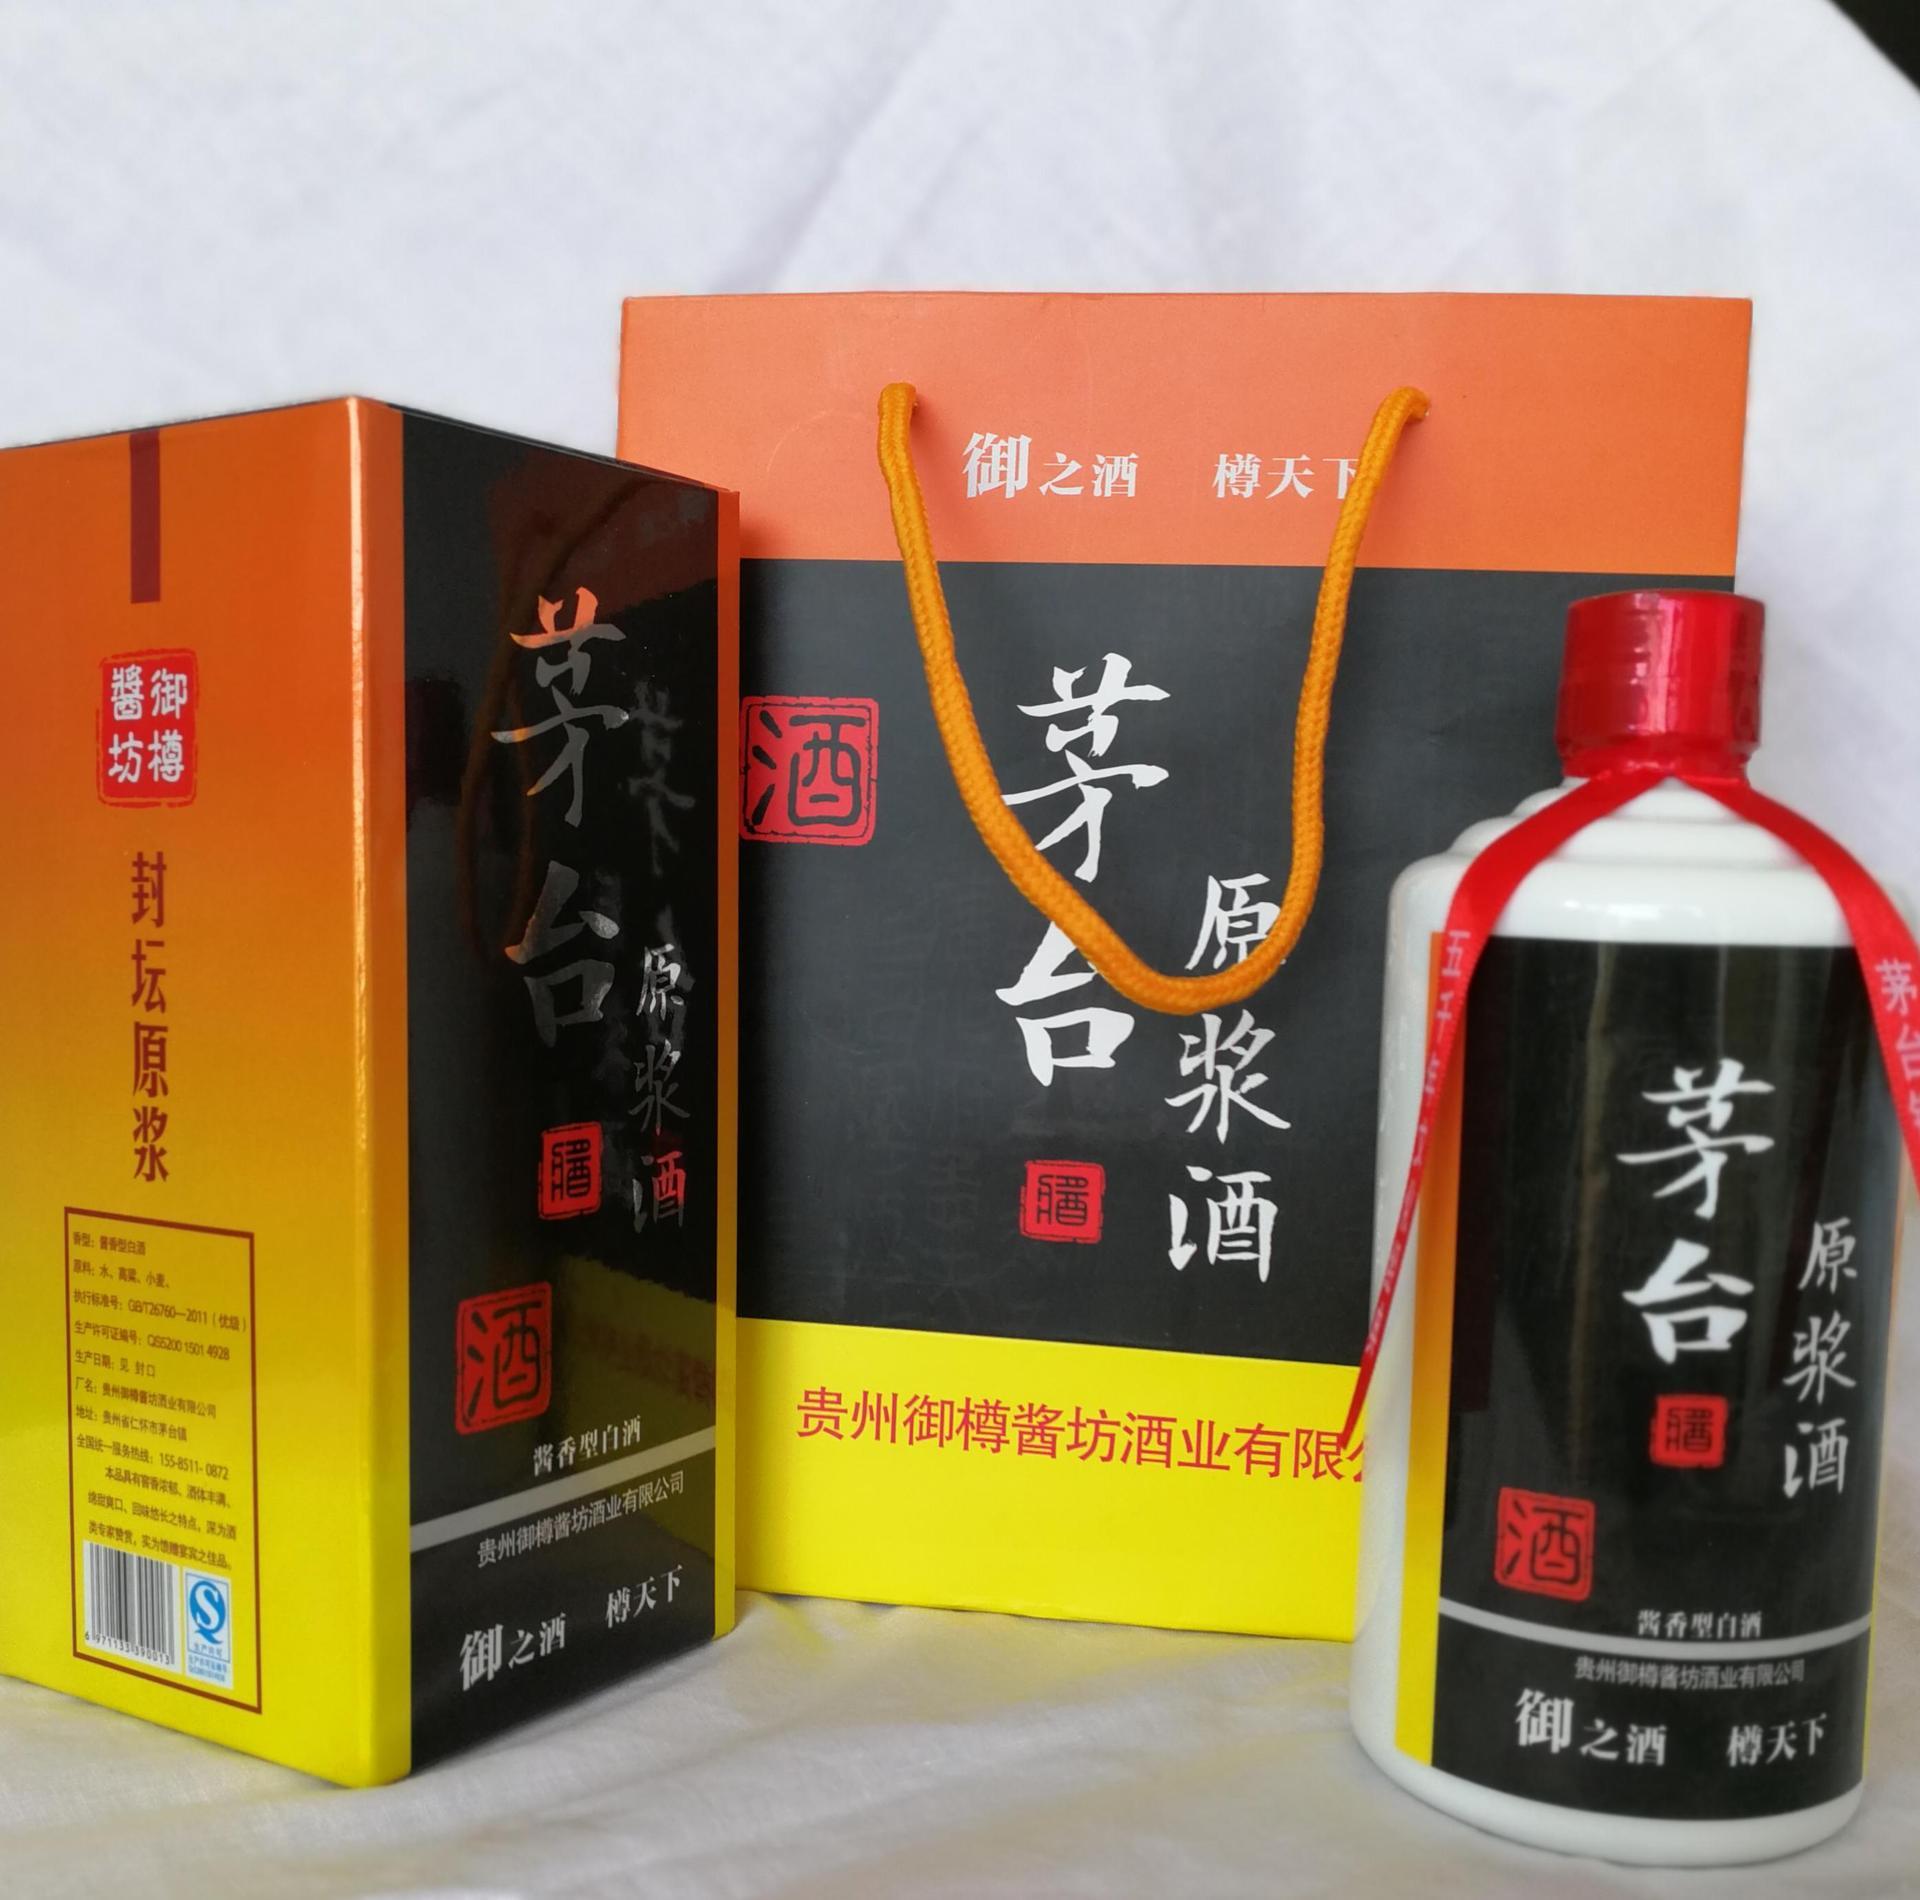 茅台镇原浆酒10年酱香型白酒整箱批发贴牌定制酒水贵州特产礼盒